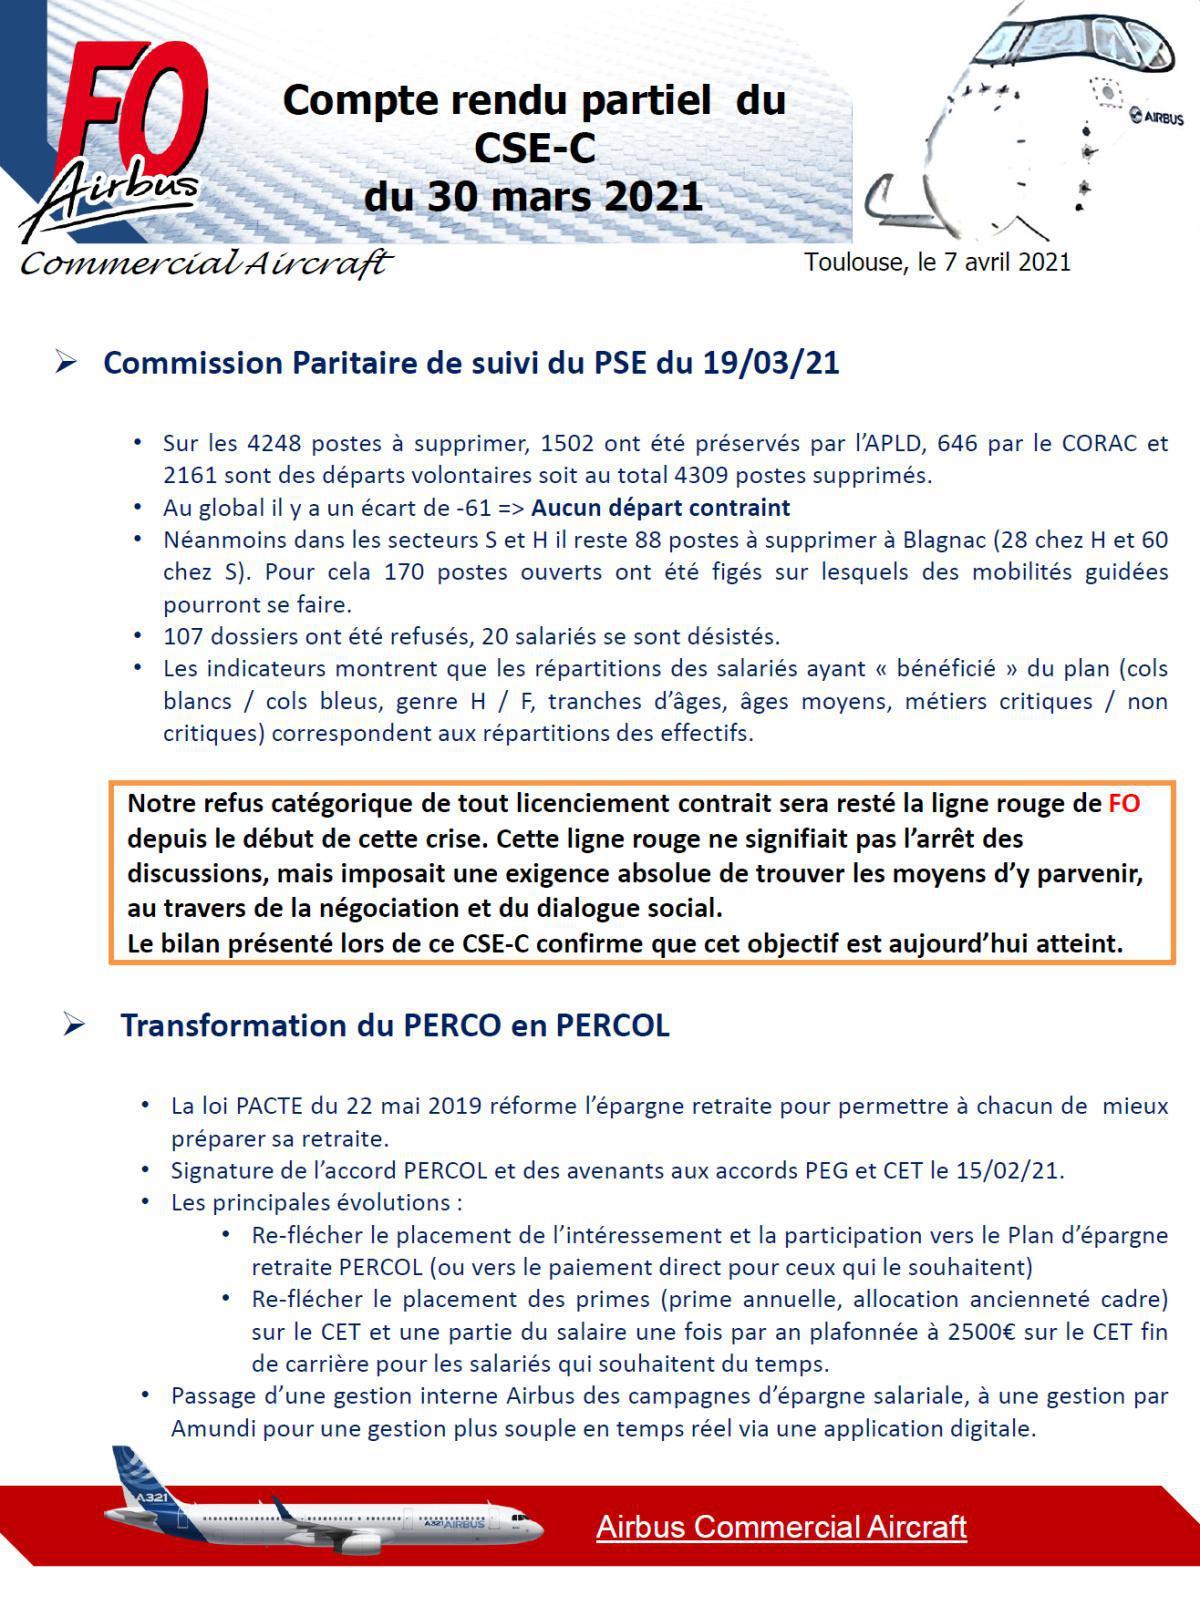 Compte rendu partiel du CSE-C du 30 mars 2021